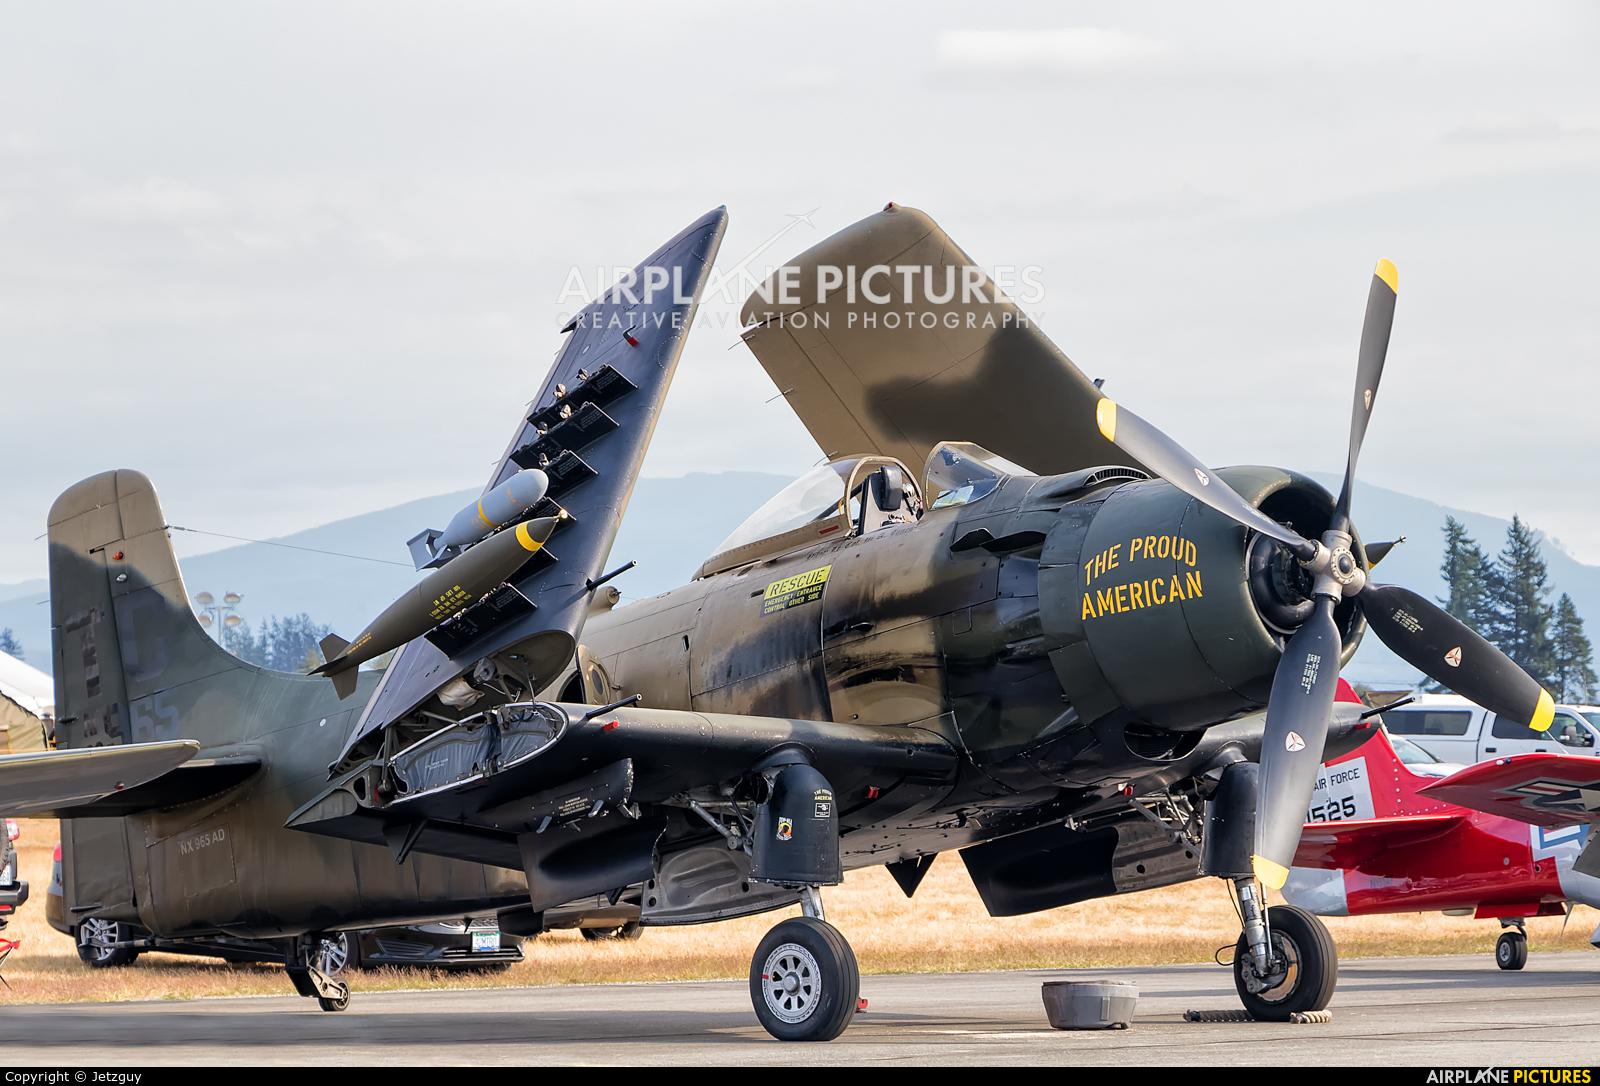 Private NX965AD aircraft at Abbotsford, BC